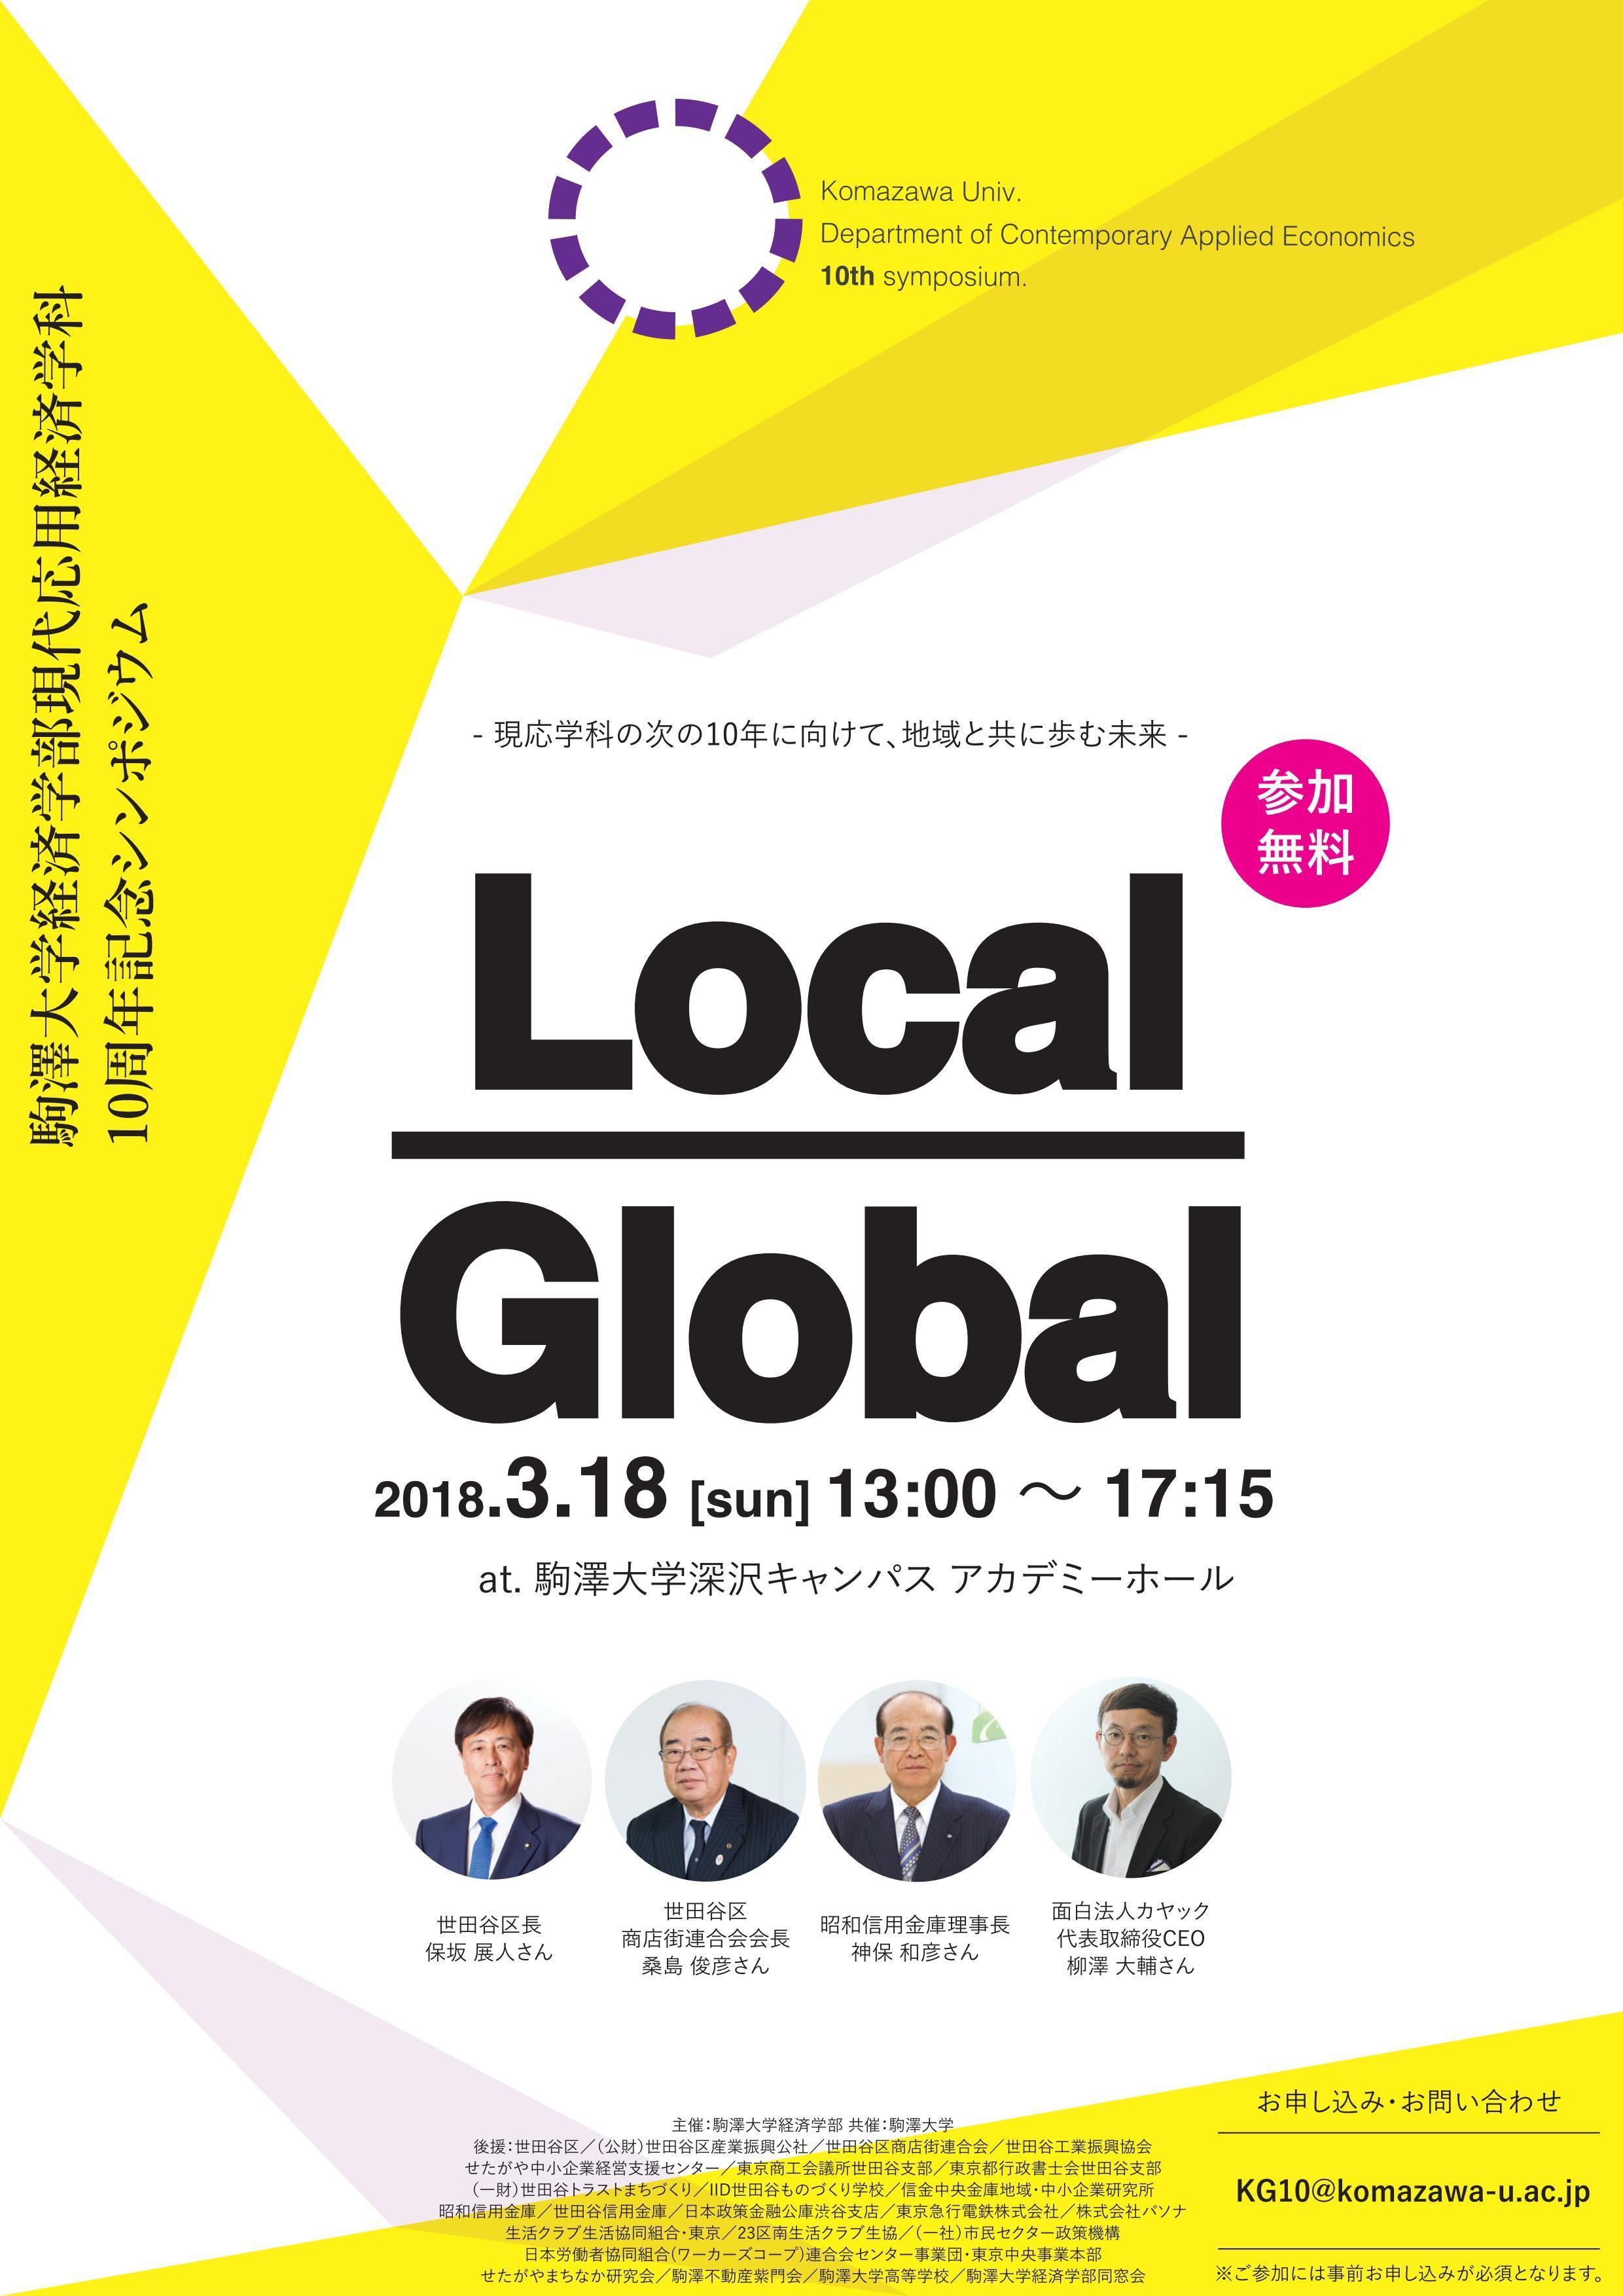 駒澤大学経済学部現代応用経済学科が3月18日に10周年記念シンポジウムを開催 -- ラボラトリ(地域協働研究拠点)開所キックオフイベントも